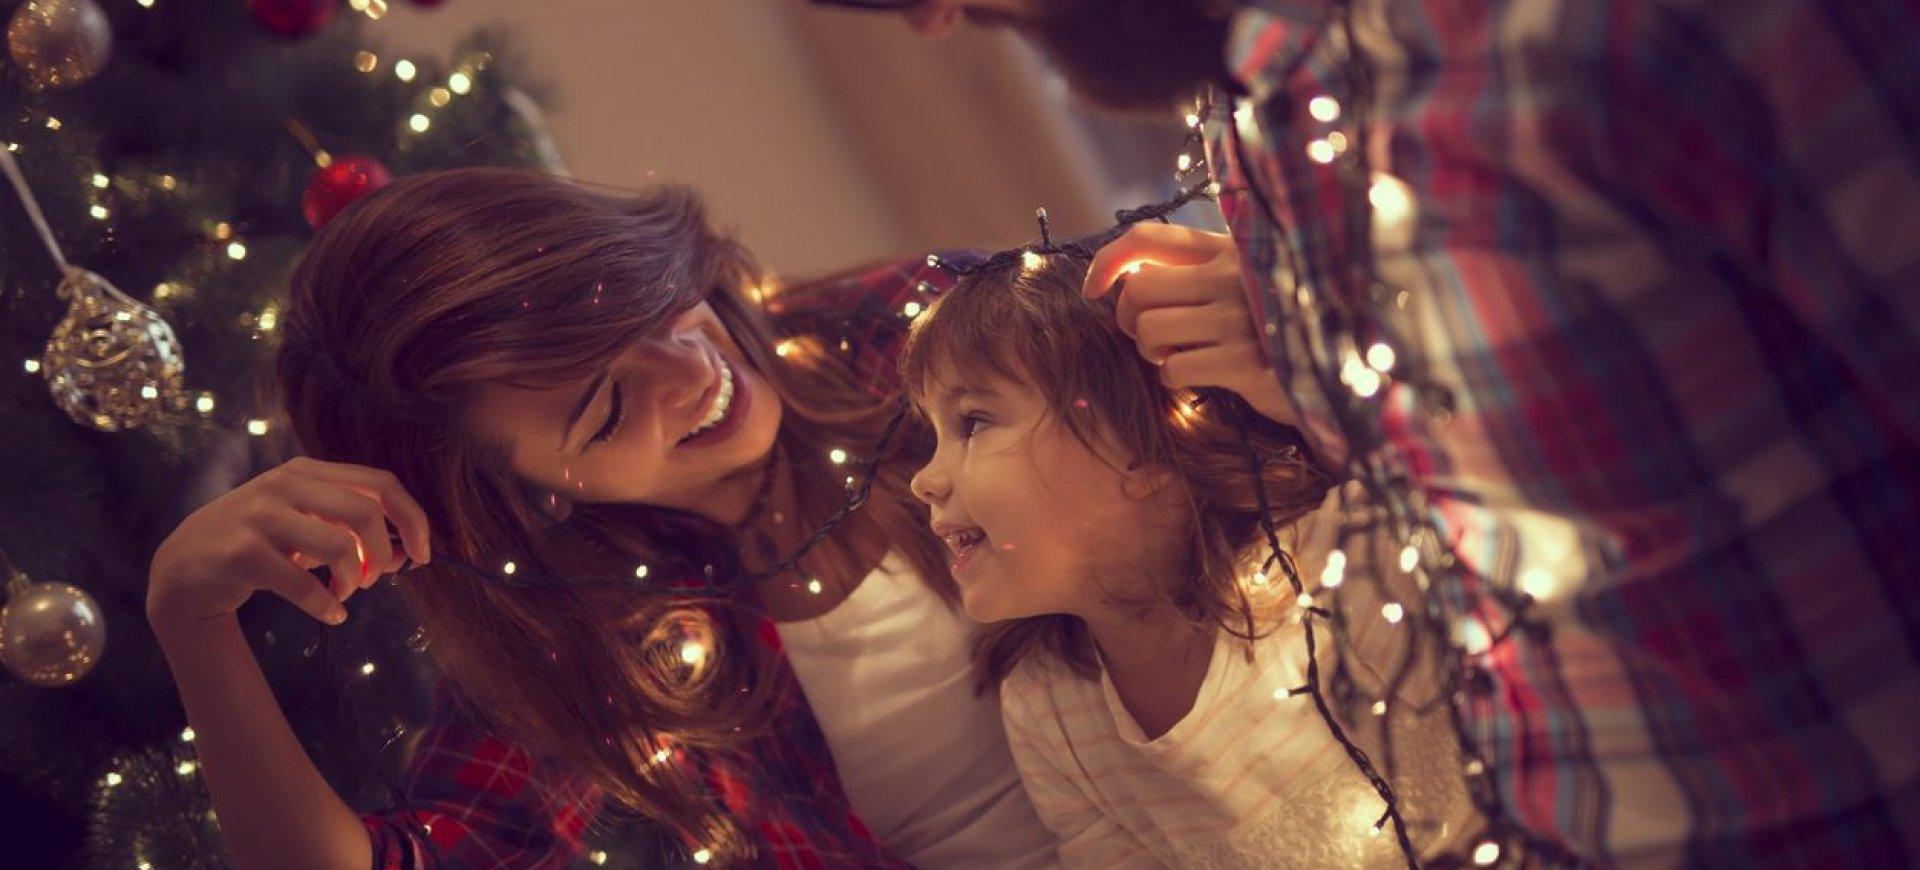 Boże Narodzenie - 5 dni